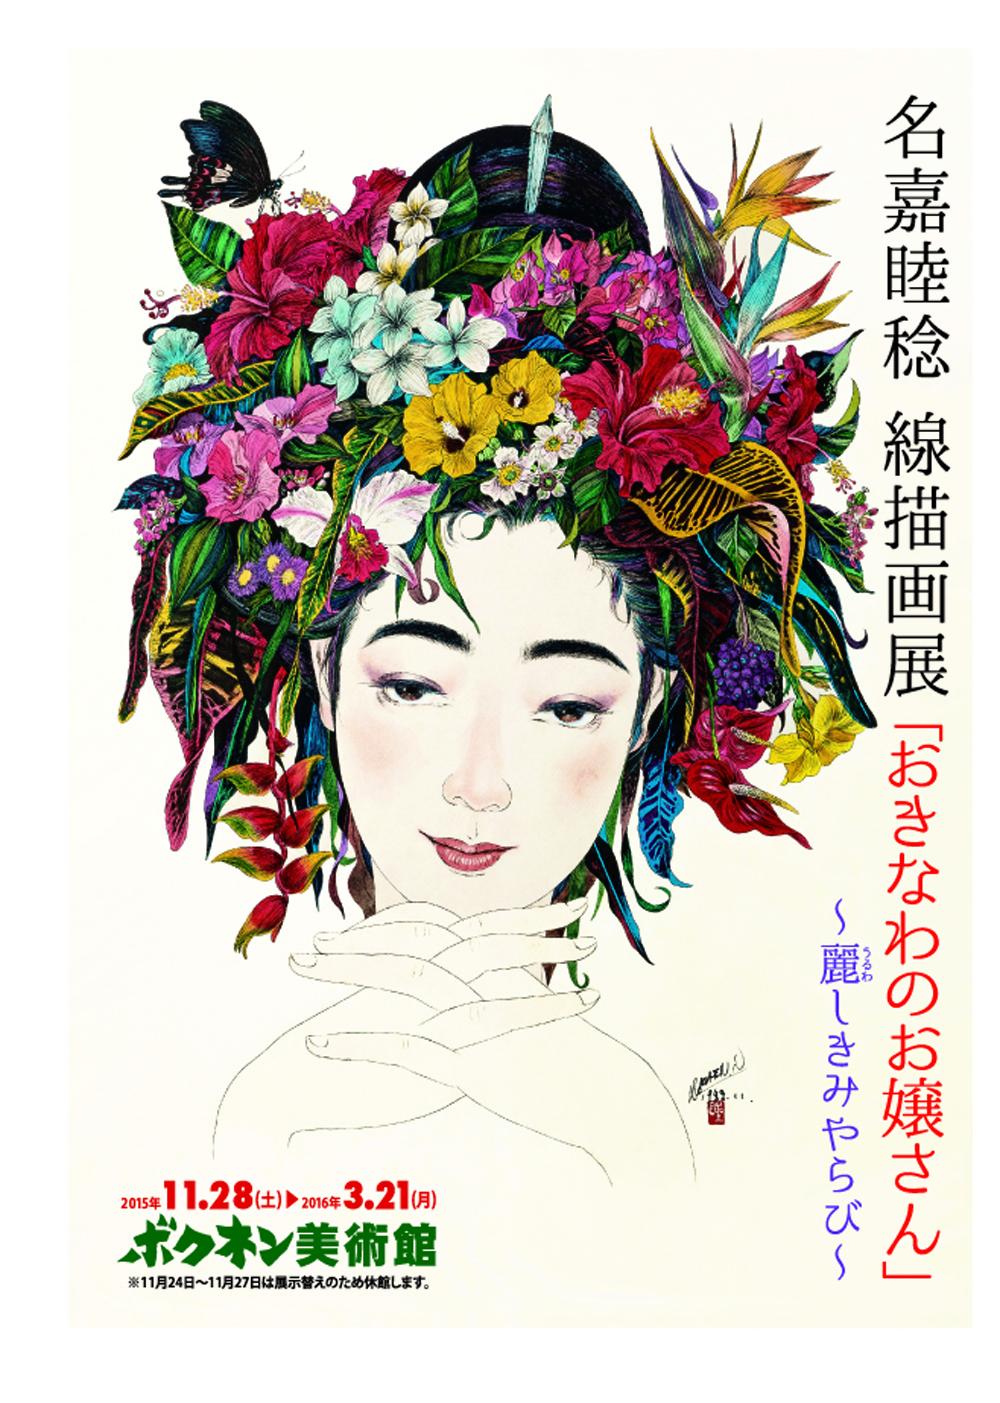 ボクネン展 vol.16 線猫画展『 沖縄のお嬢さん 』〜麗…